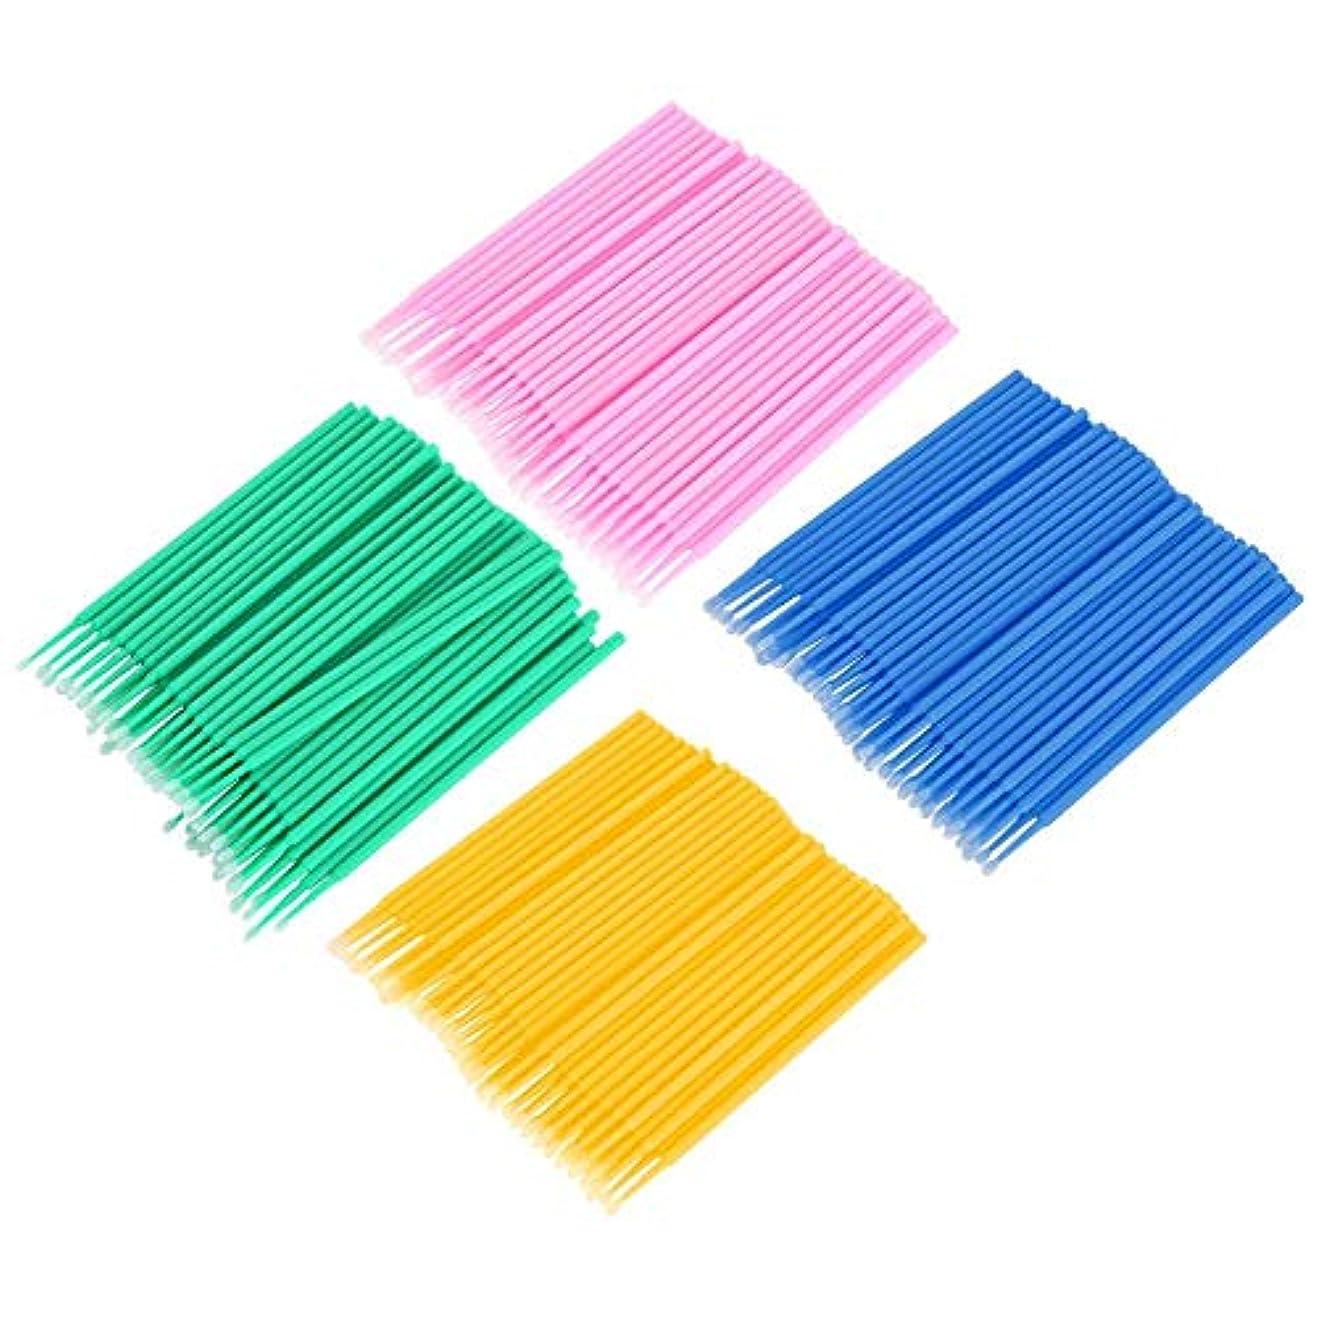 味マグ木製Semmeコットン綿棒、まつげリムーバーまたはプライマーコットンスティック400個使い捨てコットンスティックまつげクリーニングスティックマイクロブラシ綿棒まつげライト